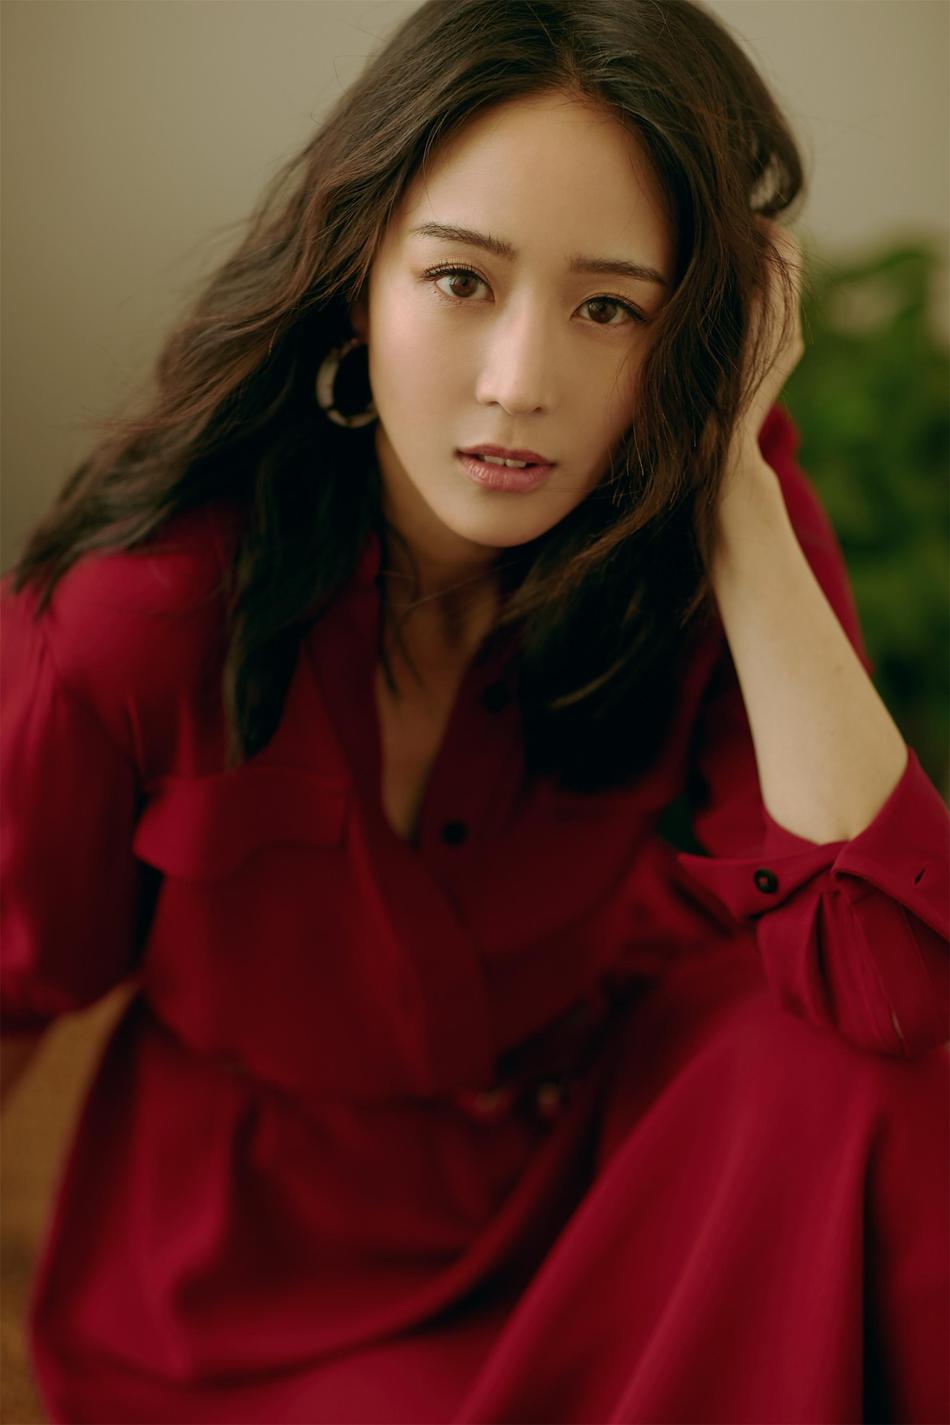 张钧甯七夕红裙撩粉 尽显异域迷人魅力